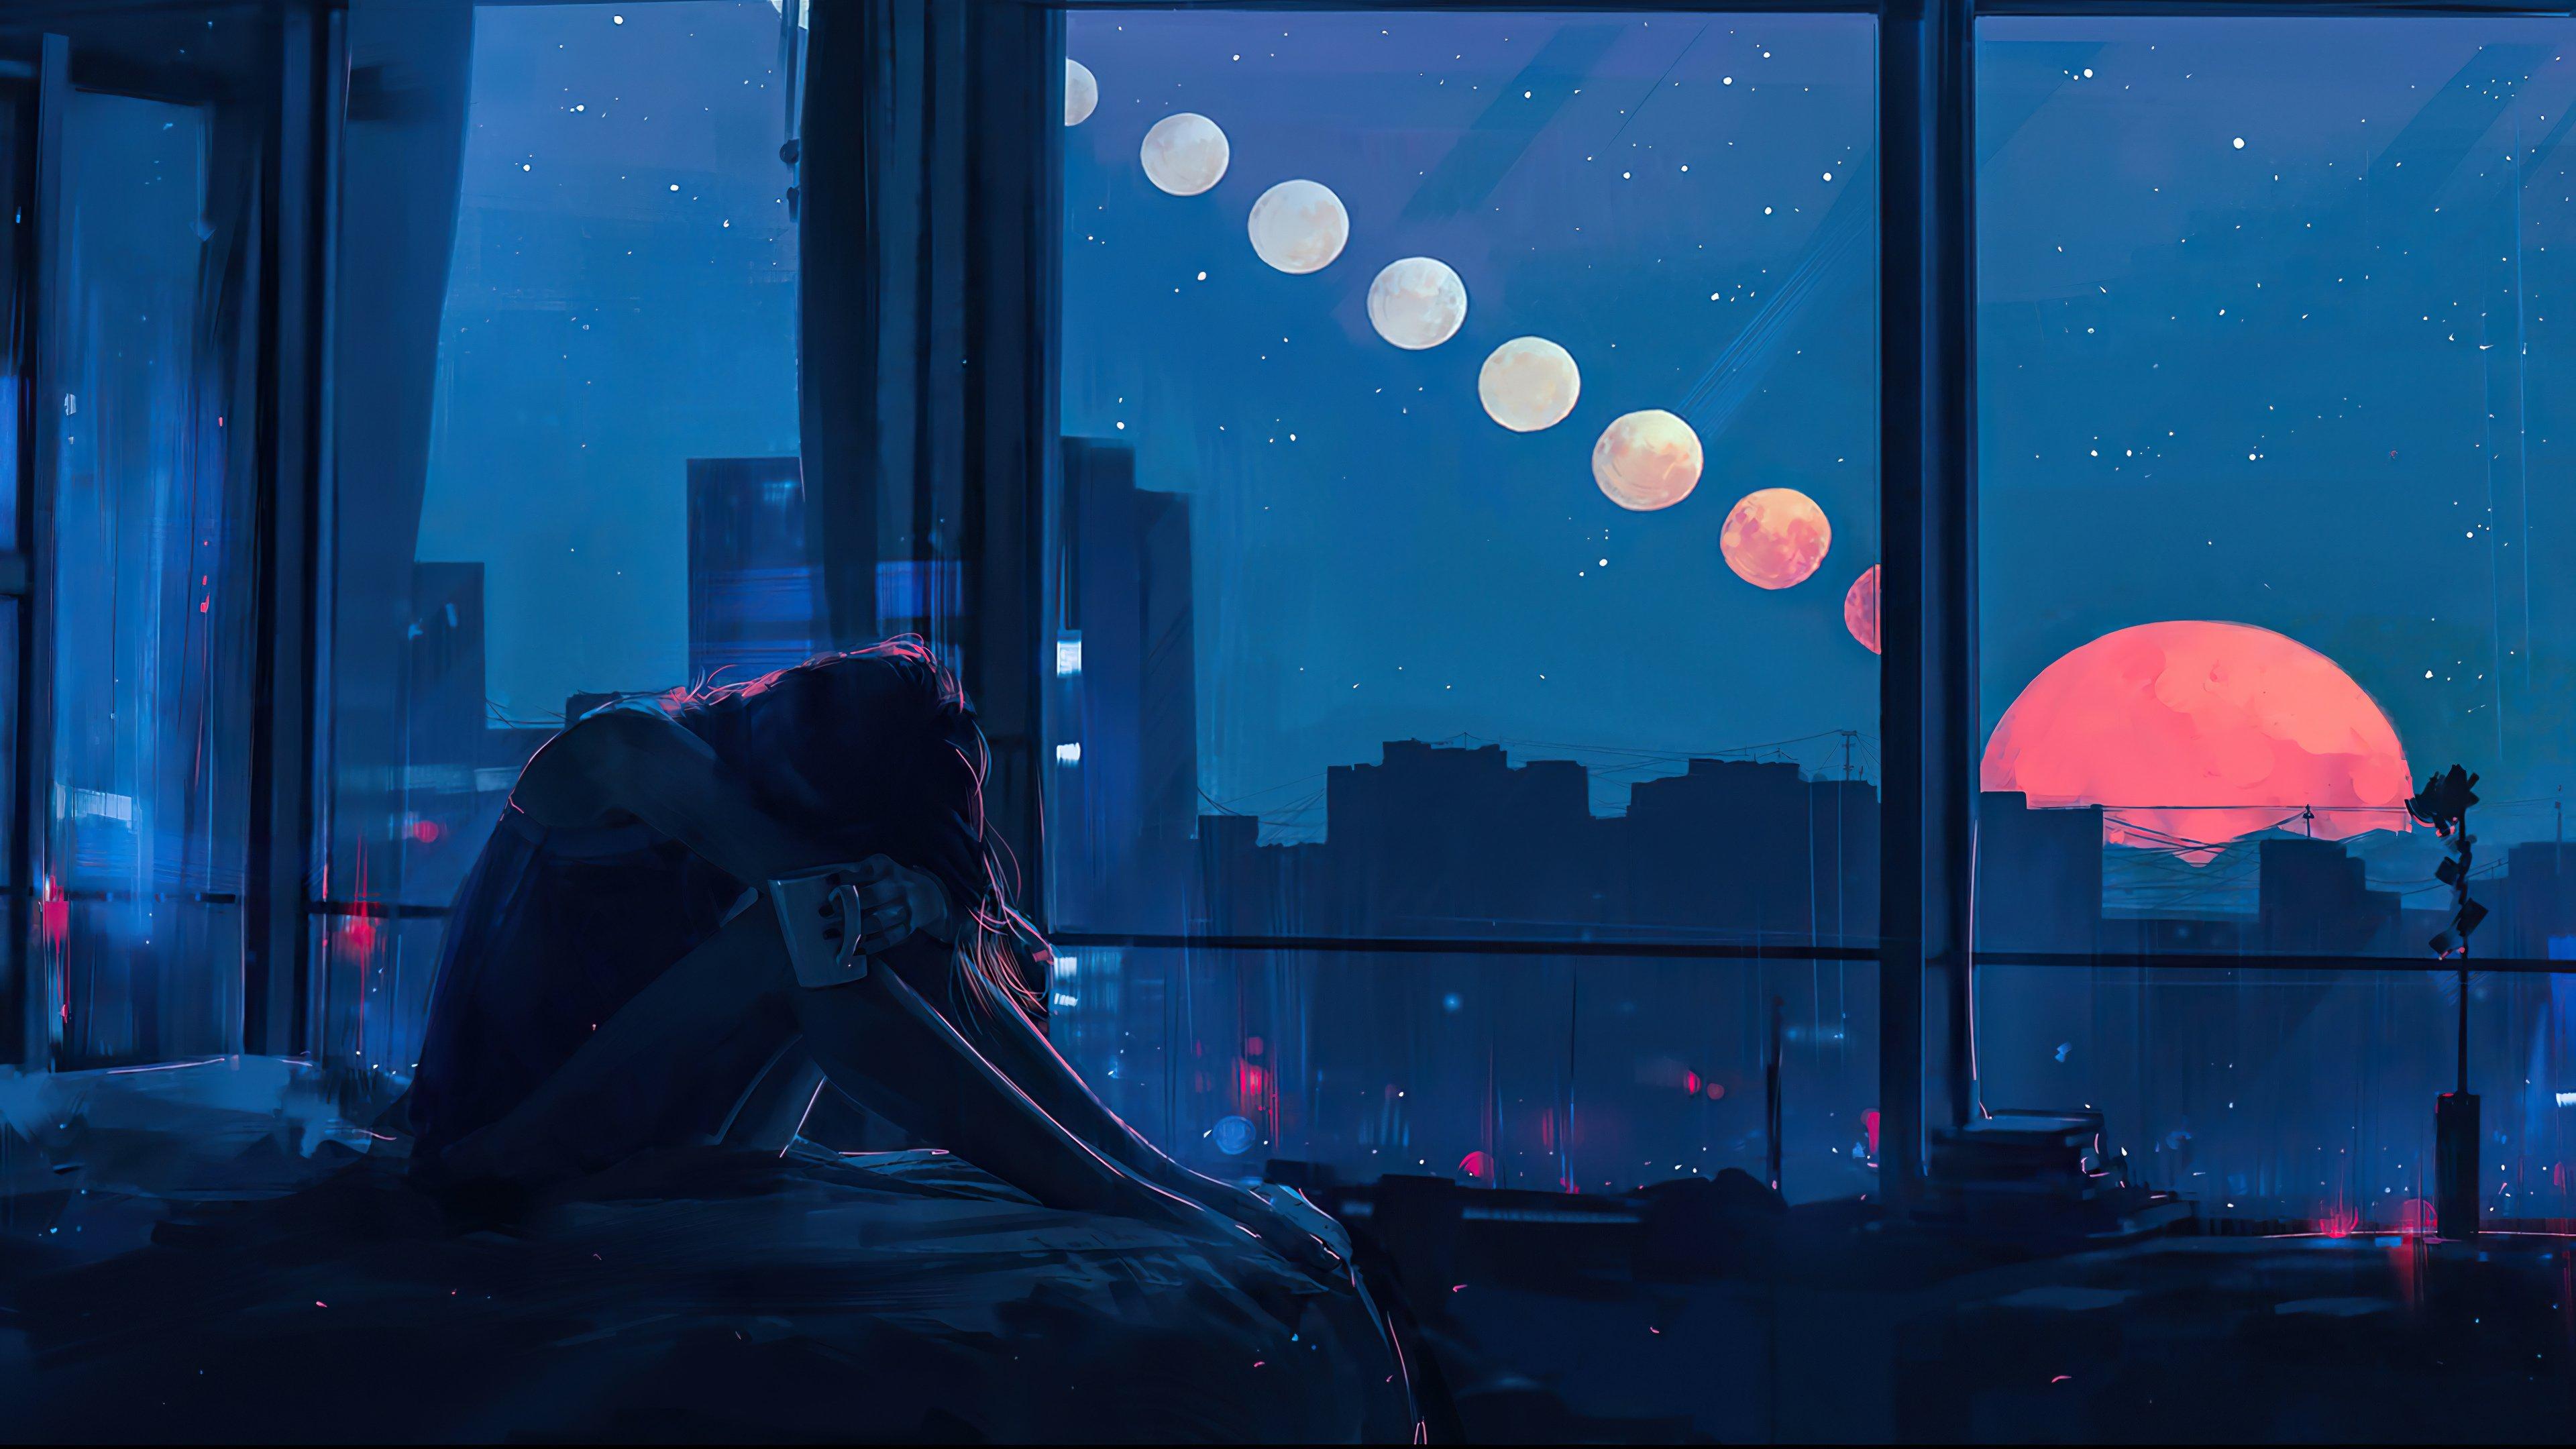 Fondos de pantalla Chica sola en la ciudad Ilustración